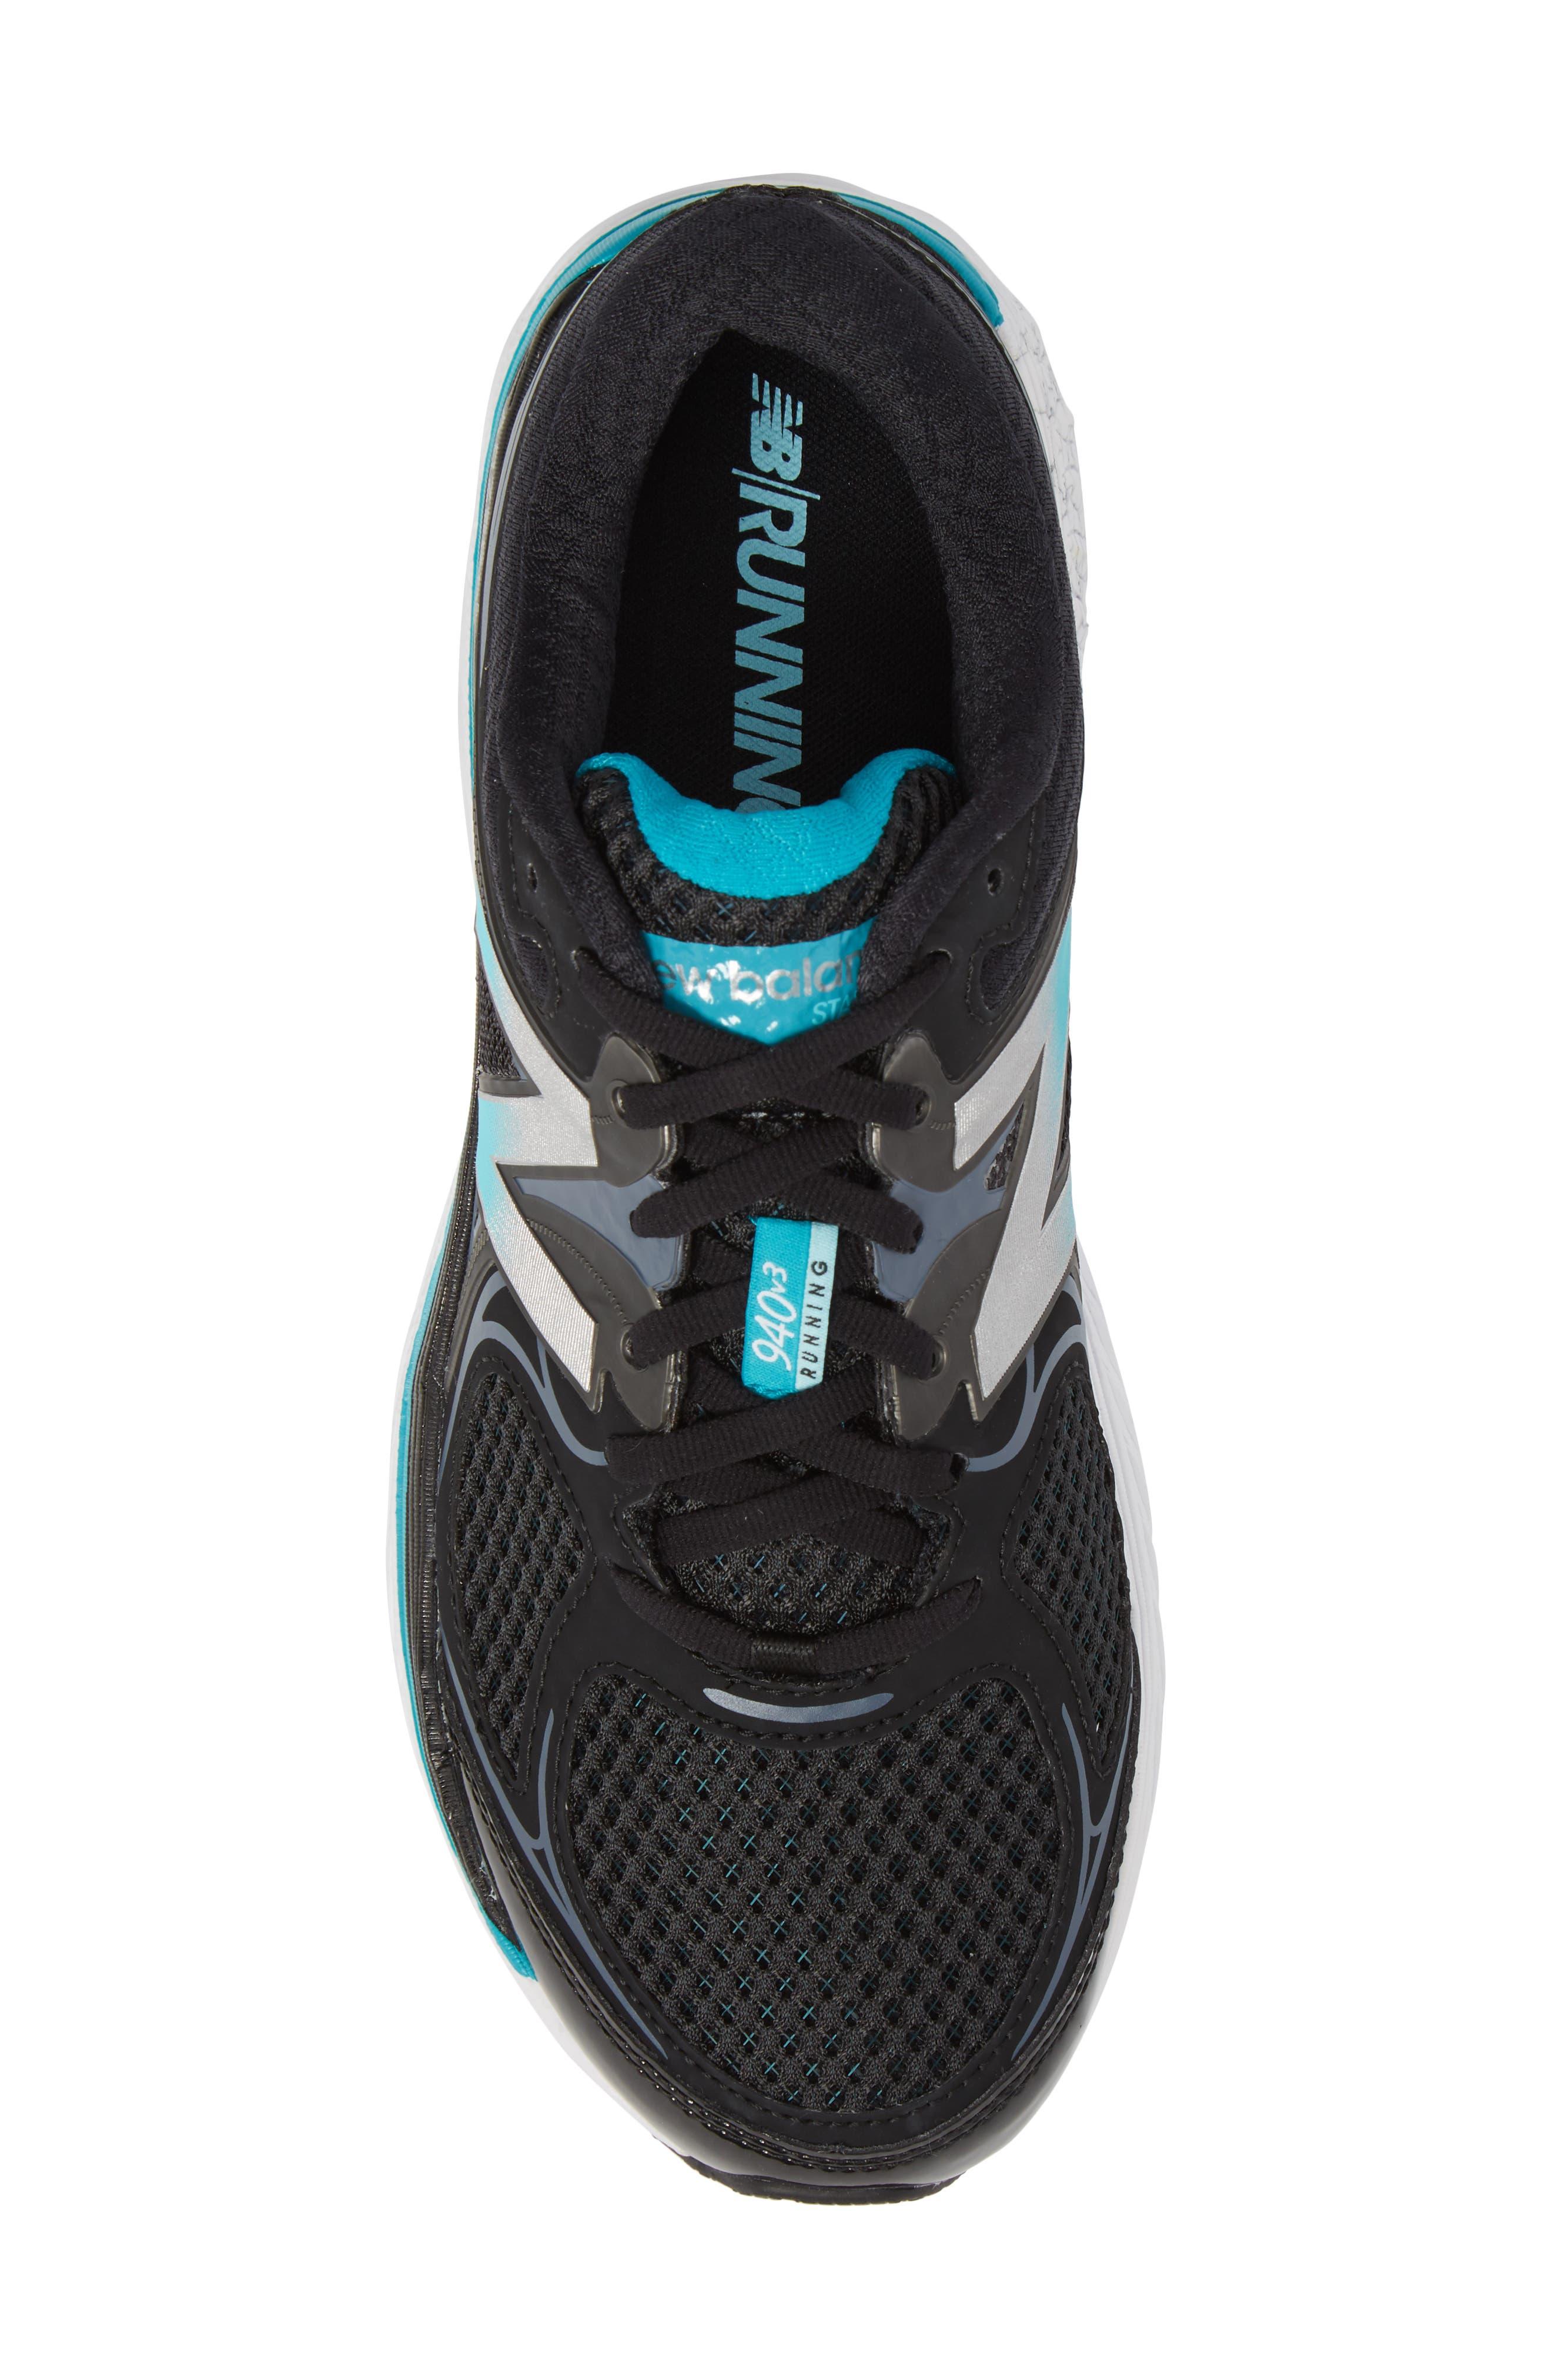 940v3 Running Shoe,                             Alternate thumbnail 5, color,                             BLACK/ BLUE